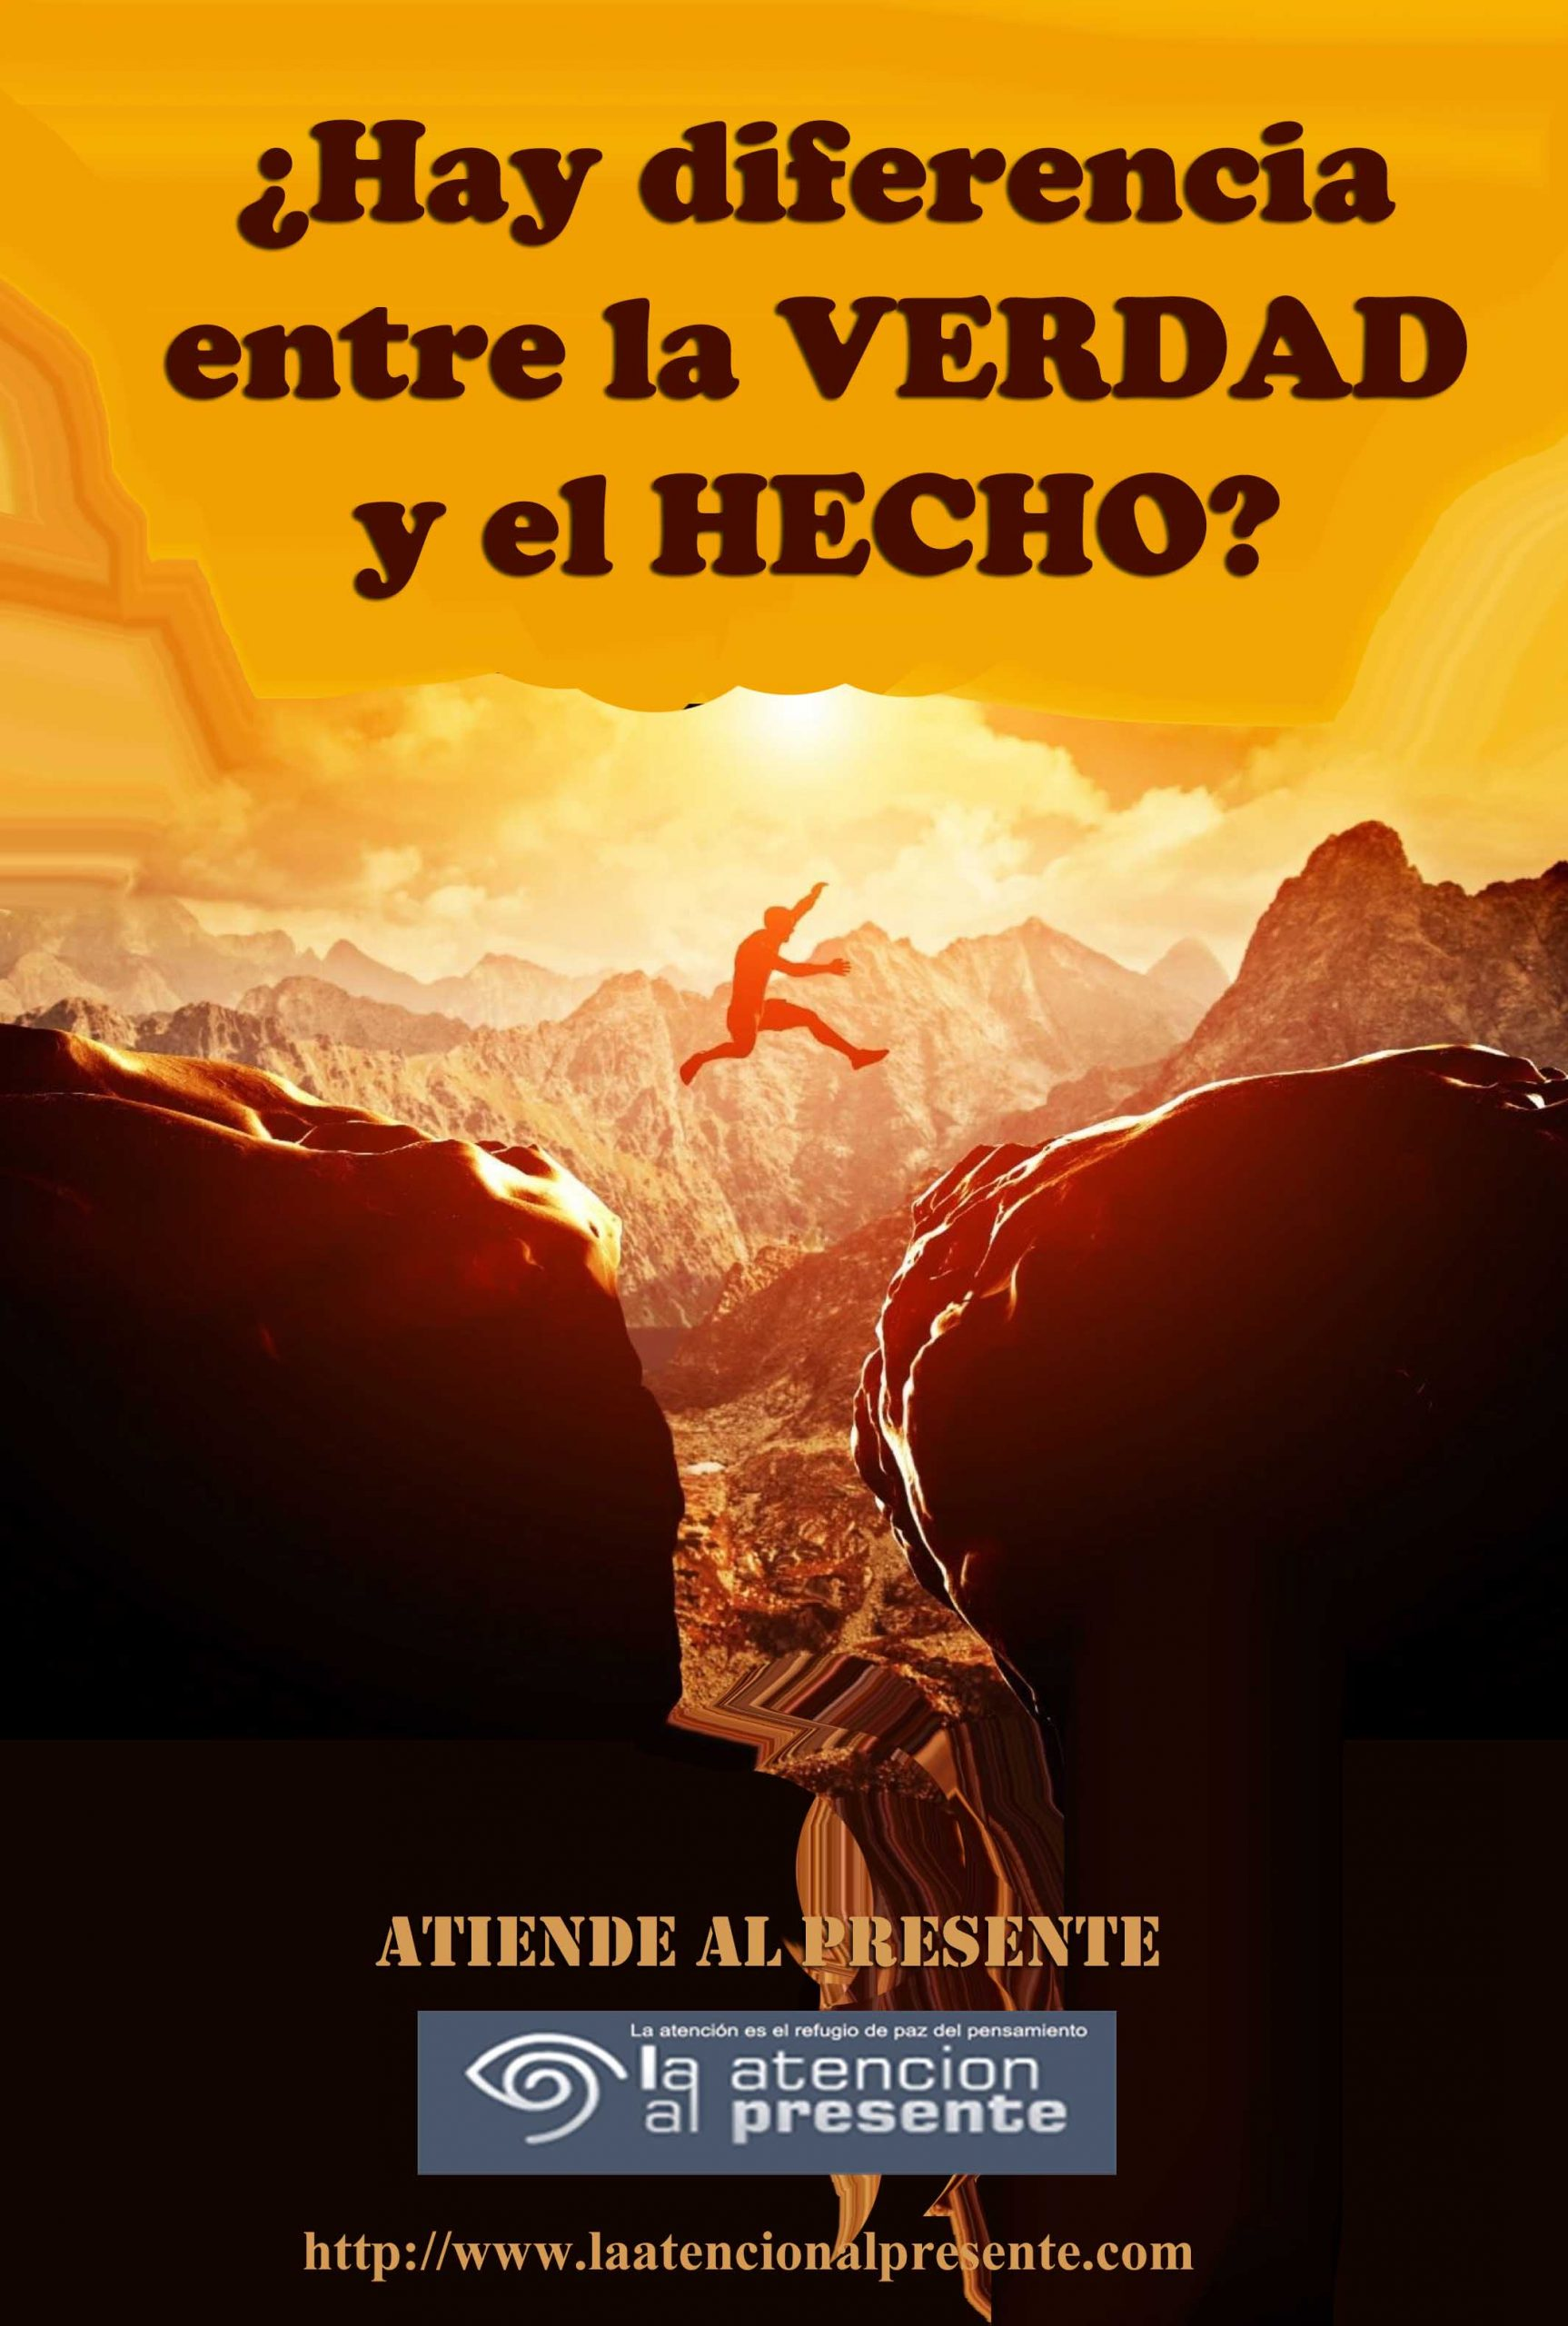 13 de junio Esteban Hay diferencia entre la VERDAD y el HECHO min scaled